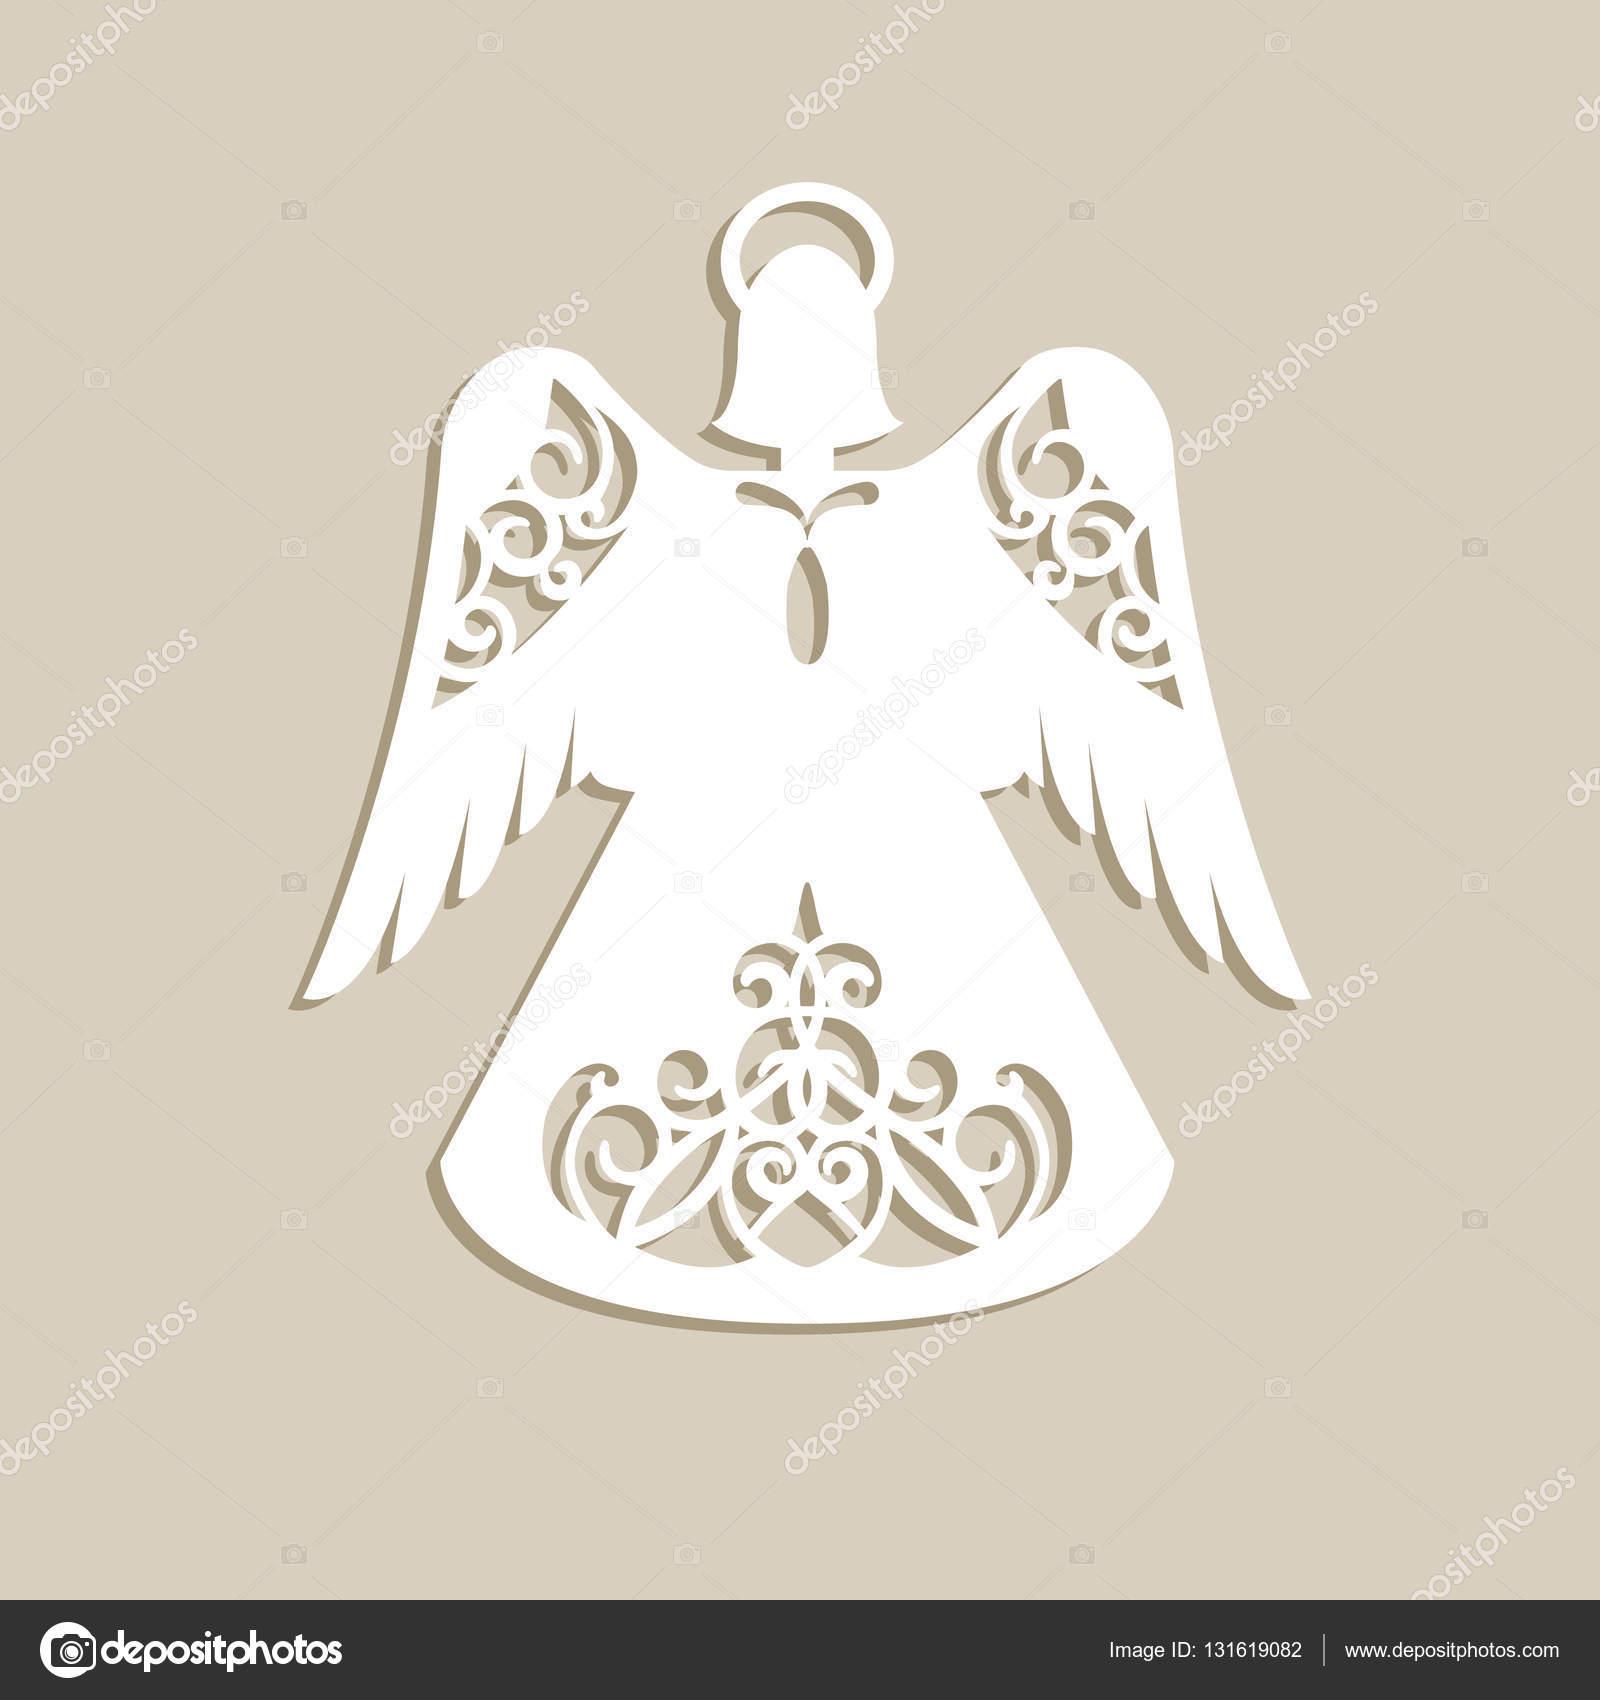 Christmas Carved Openwork Angel Stock Vector Galinaalex 131619082